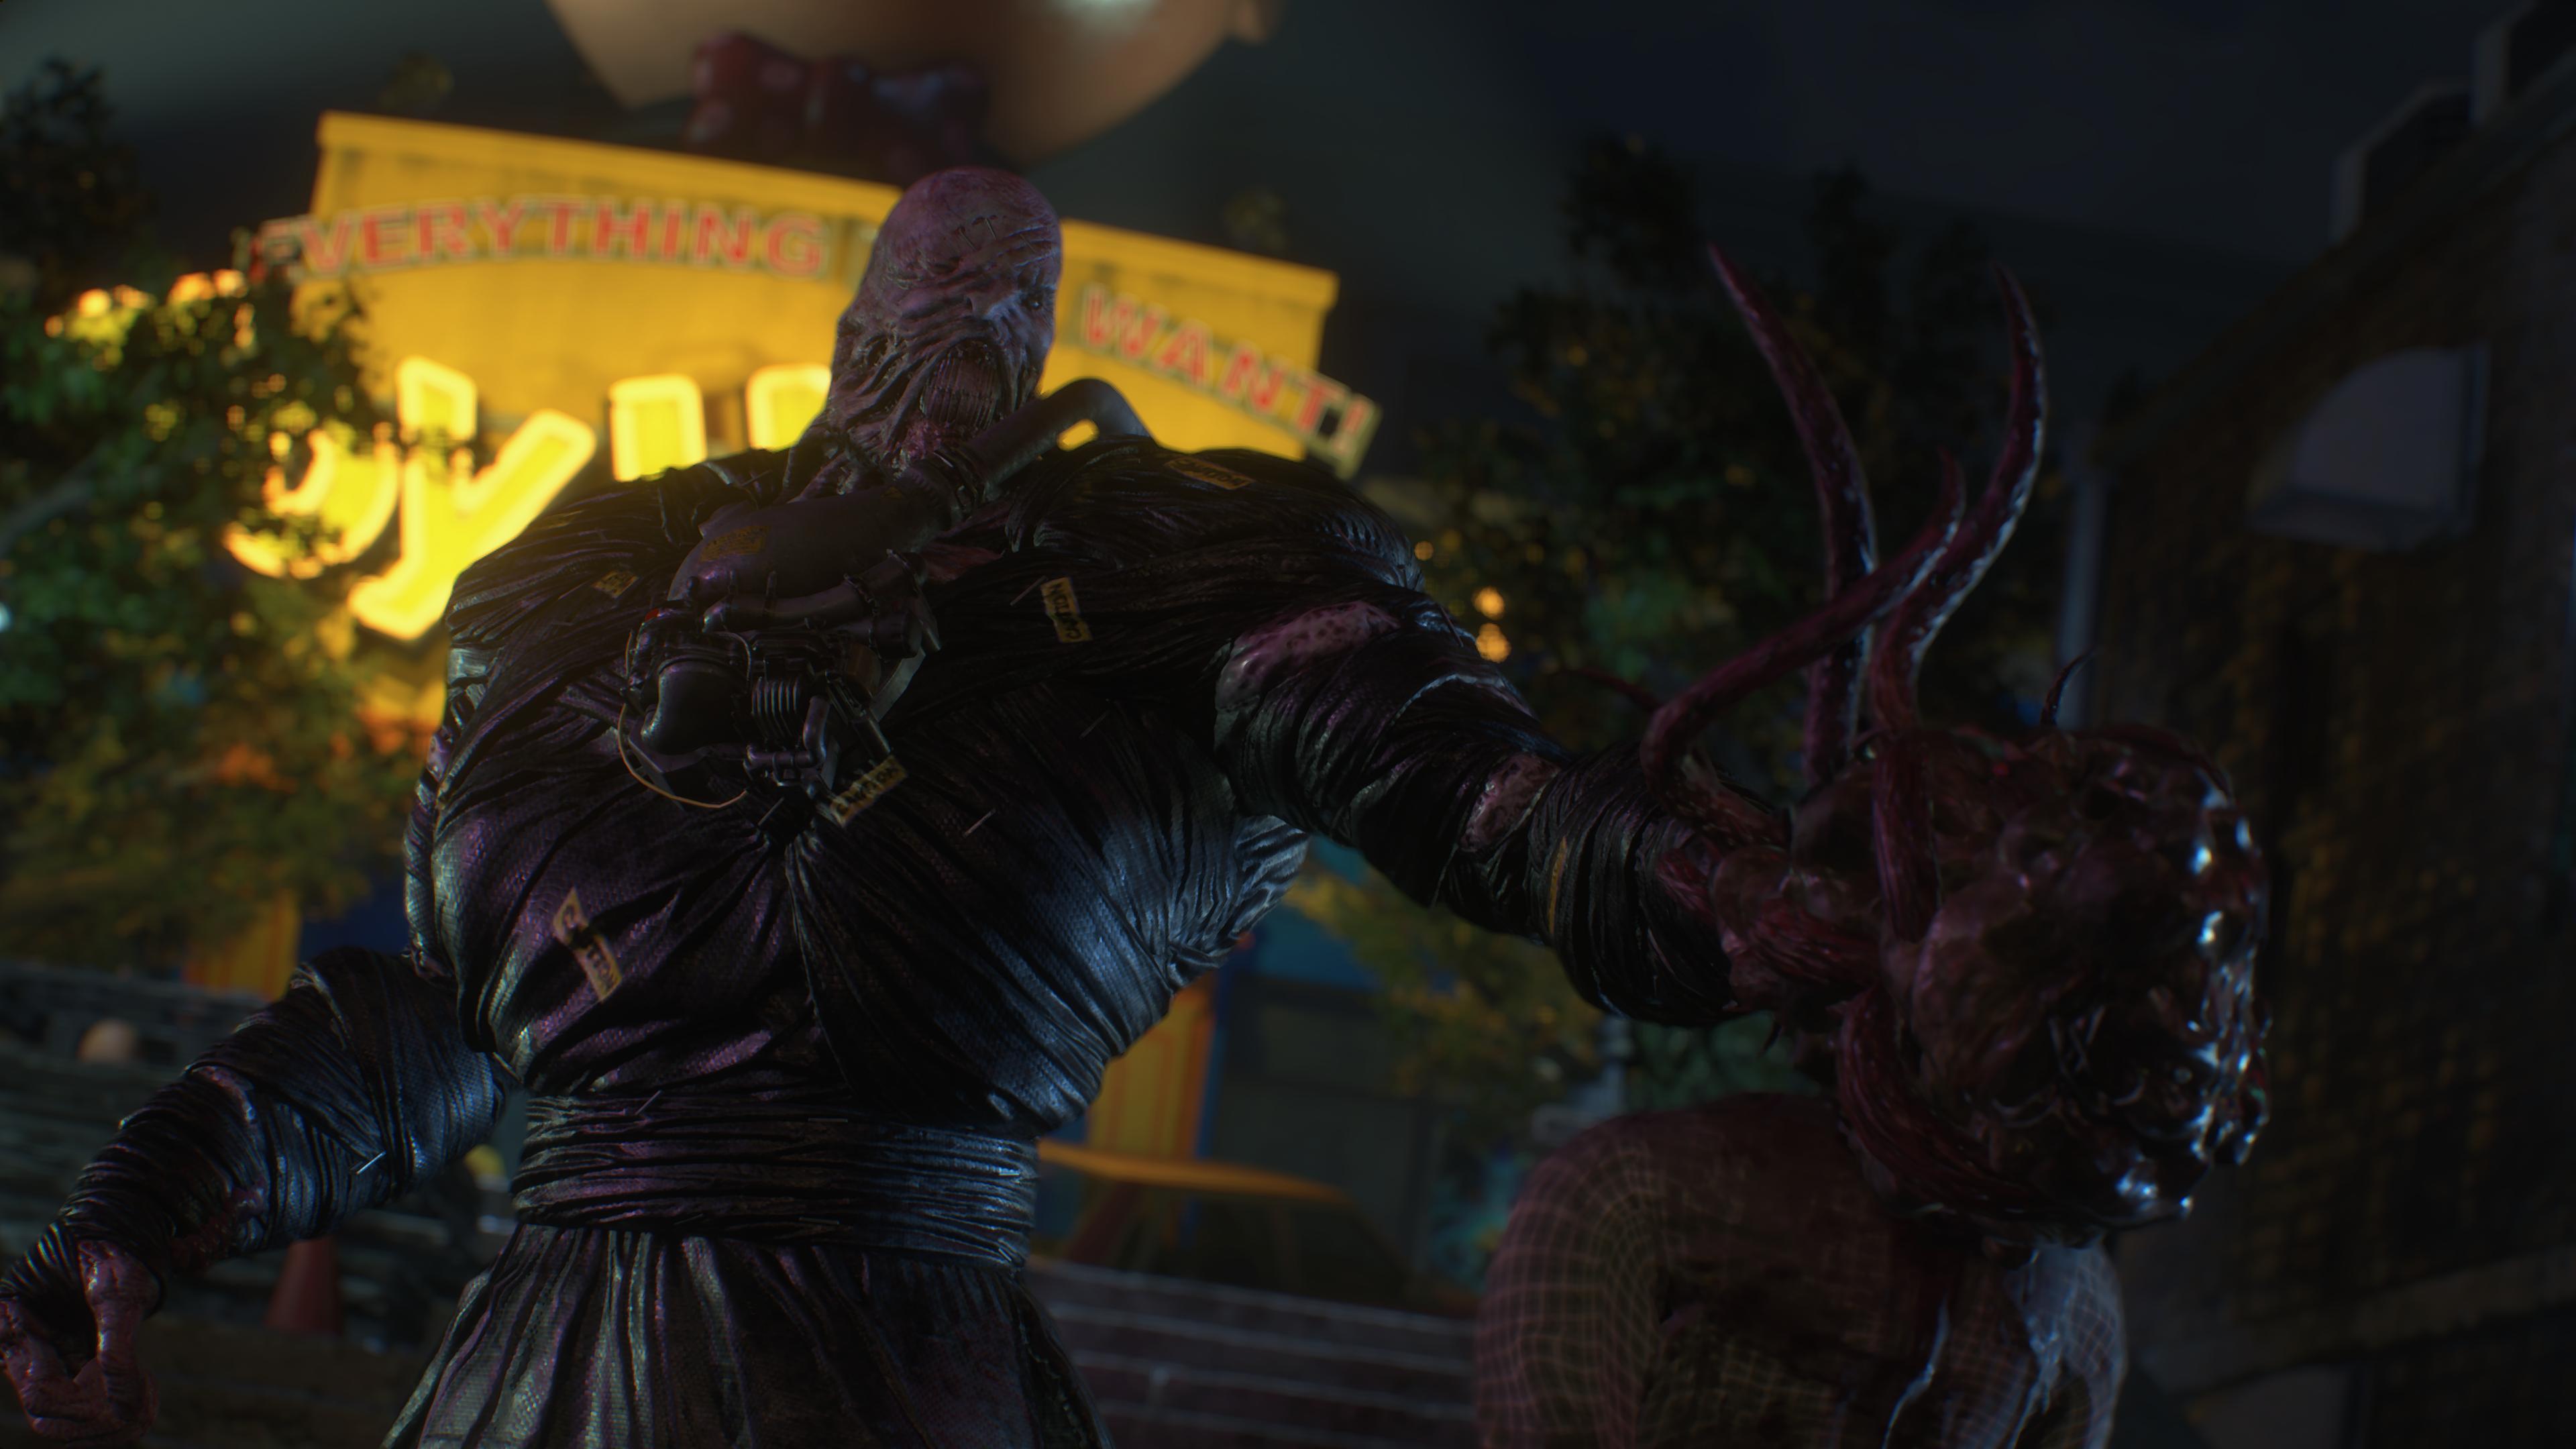 49654930857 d5cd8aed97 o - Demo von Resident Evil 3 erscheint diese Woche für PS4